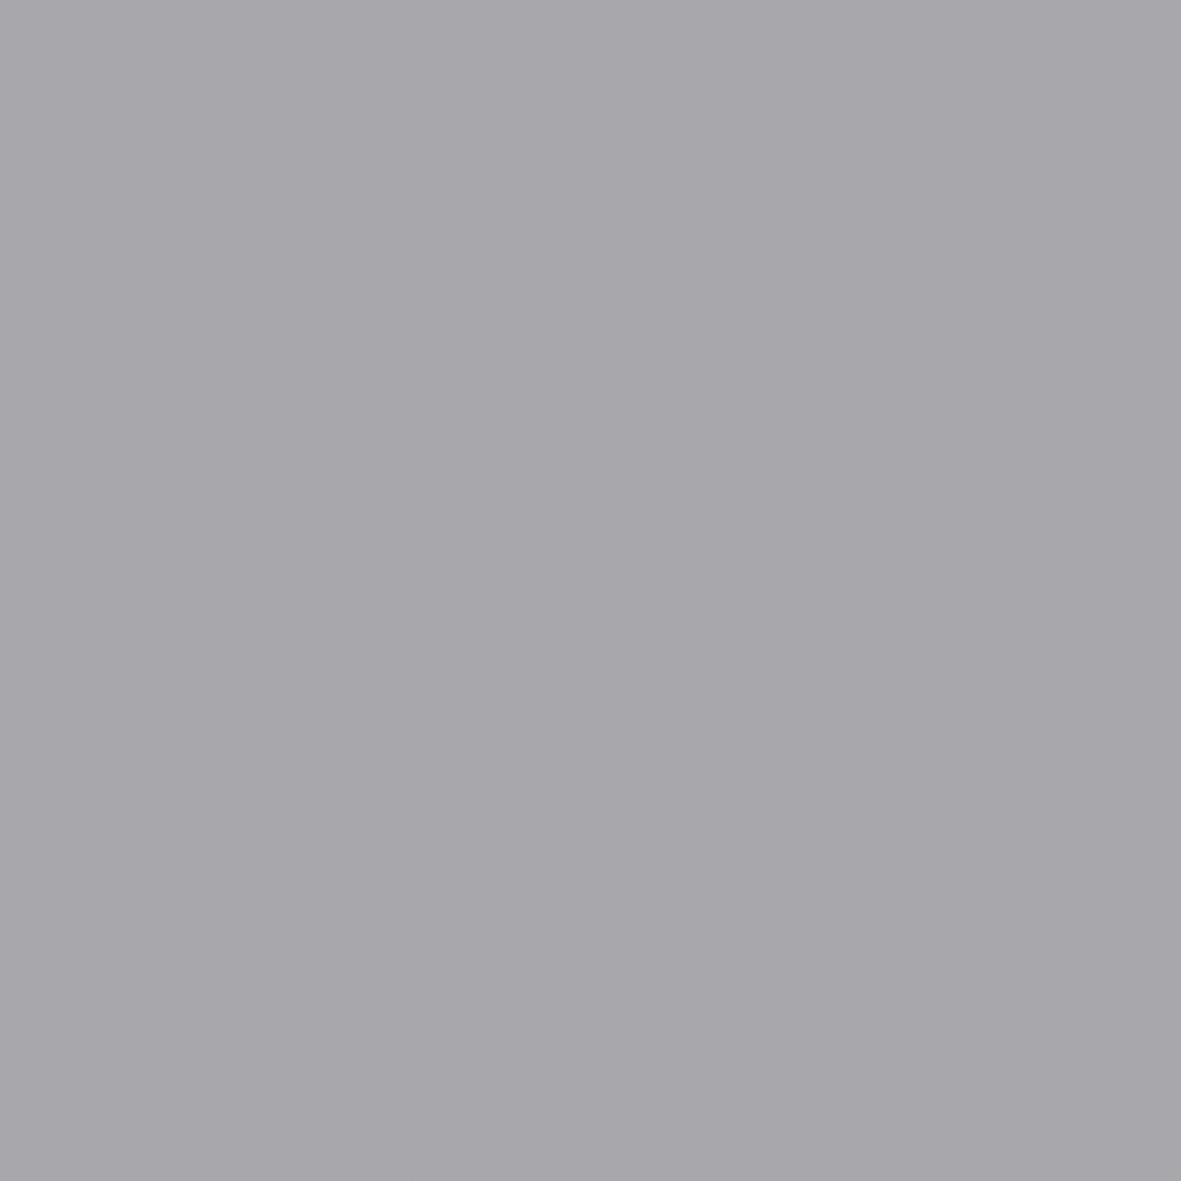 Hi-Macsv Solid Surface Marta Grey - S108